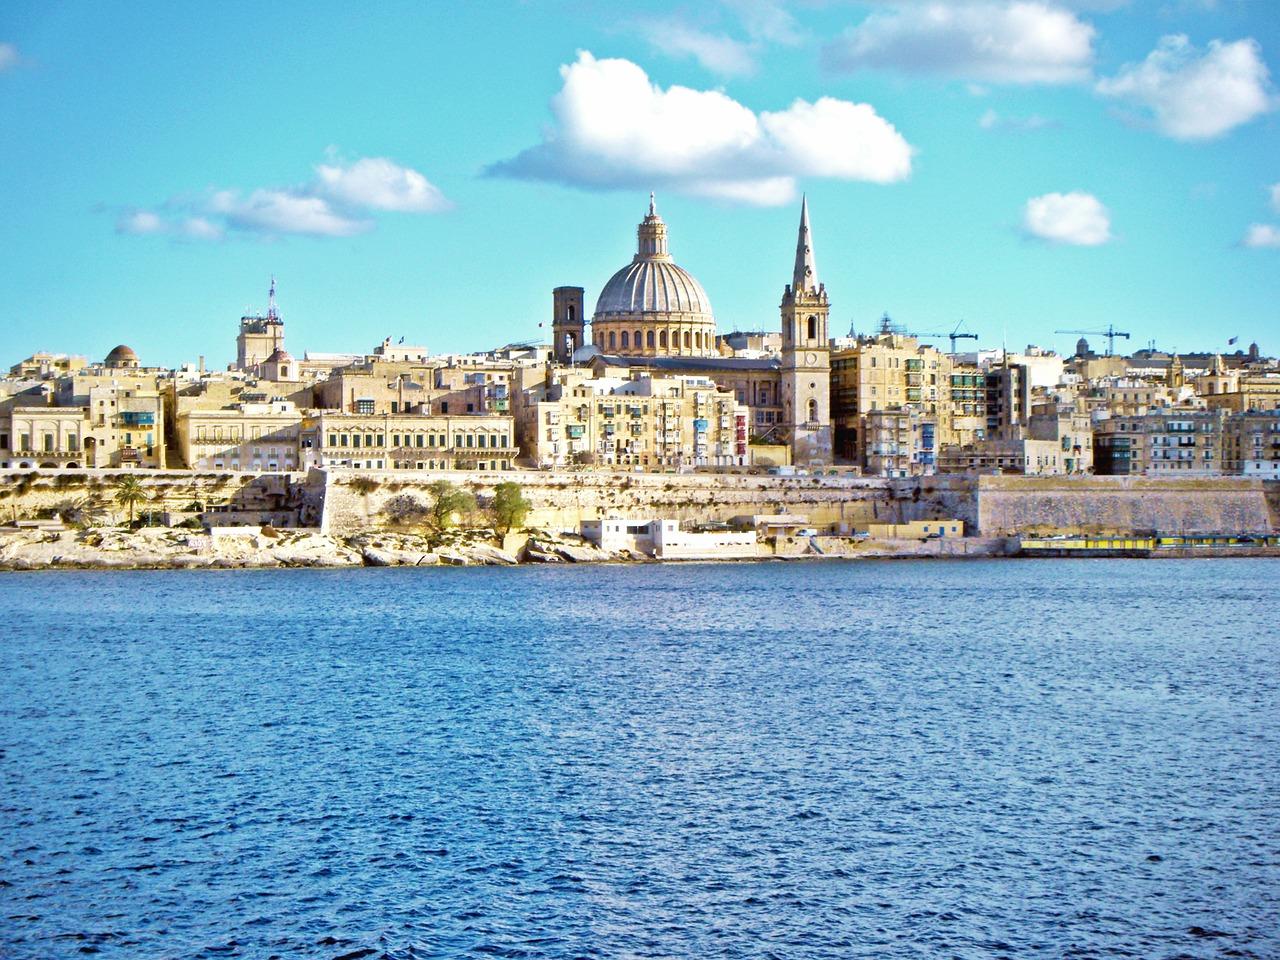 Dicas de roteiro no Mediterrâneo